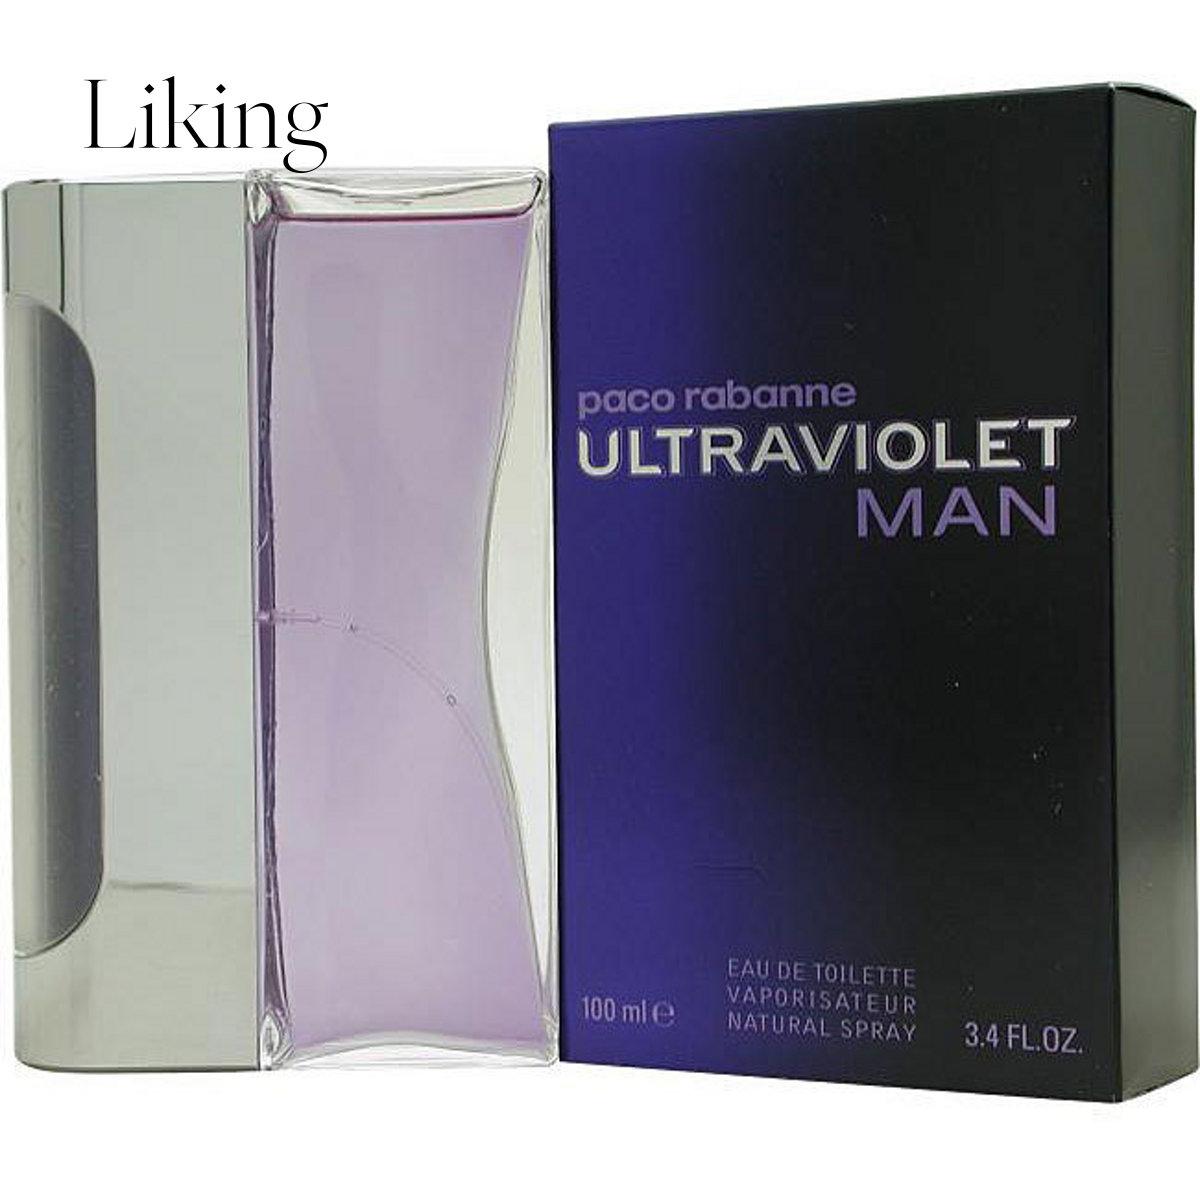 paco rabanne帕高 Ultraviolet 紫外线 男士淡香水EDT 100ml 美国